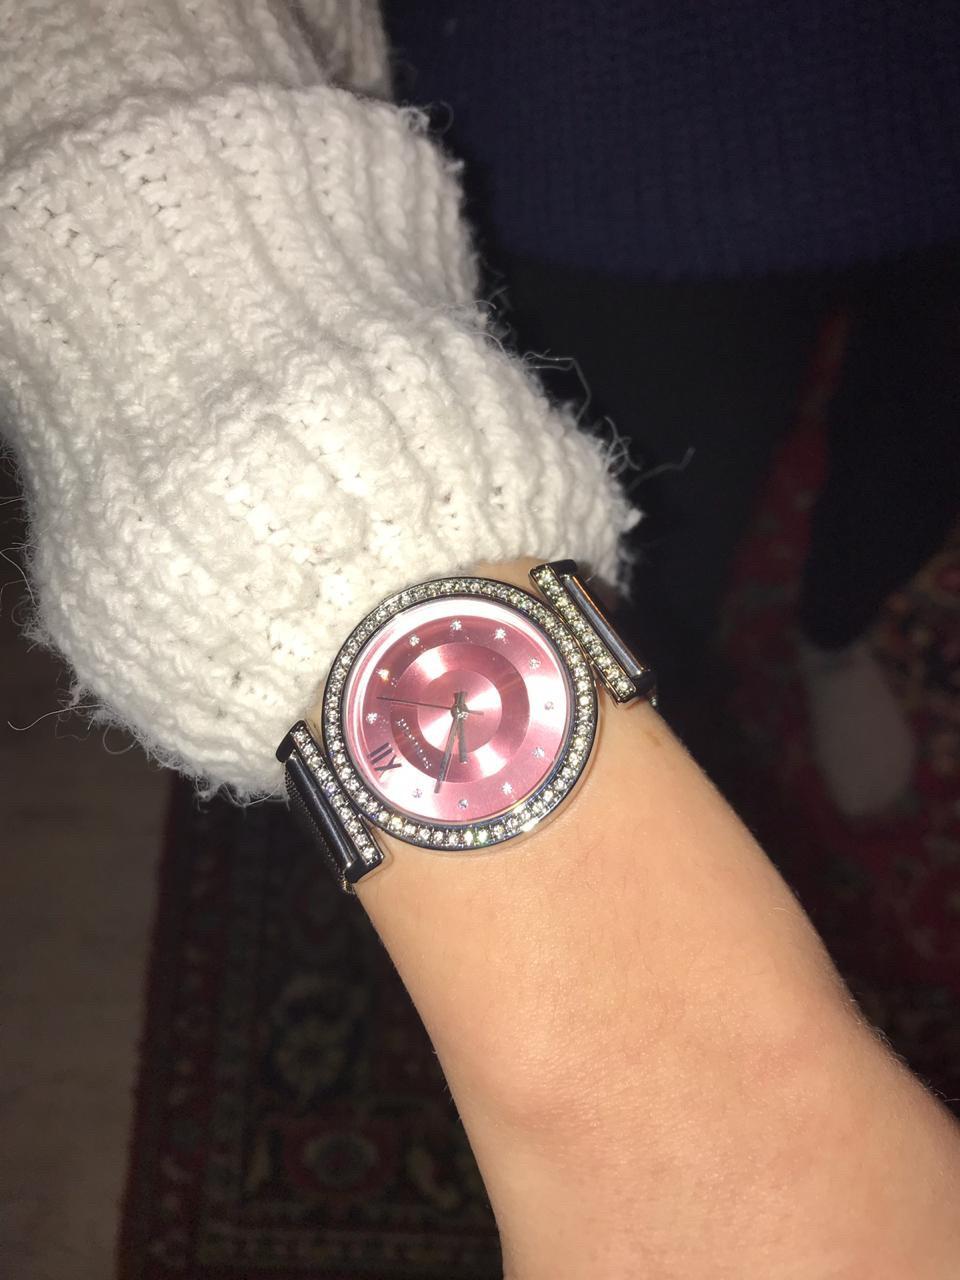 Потрясающие часы !!!